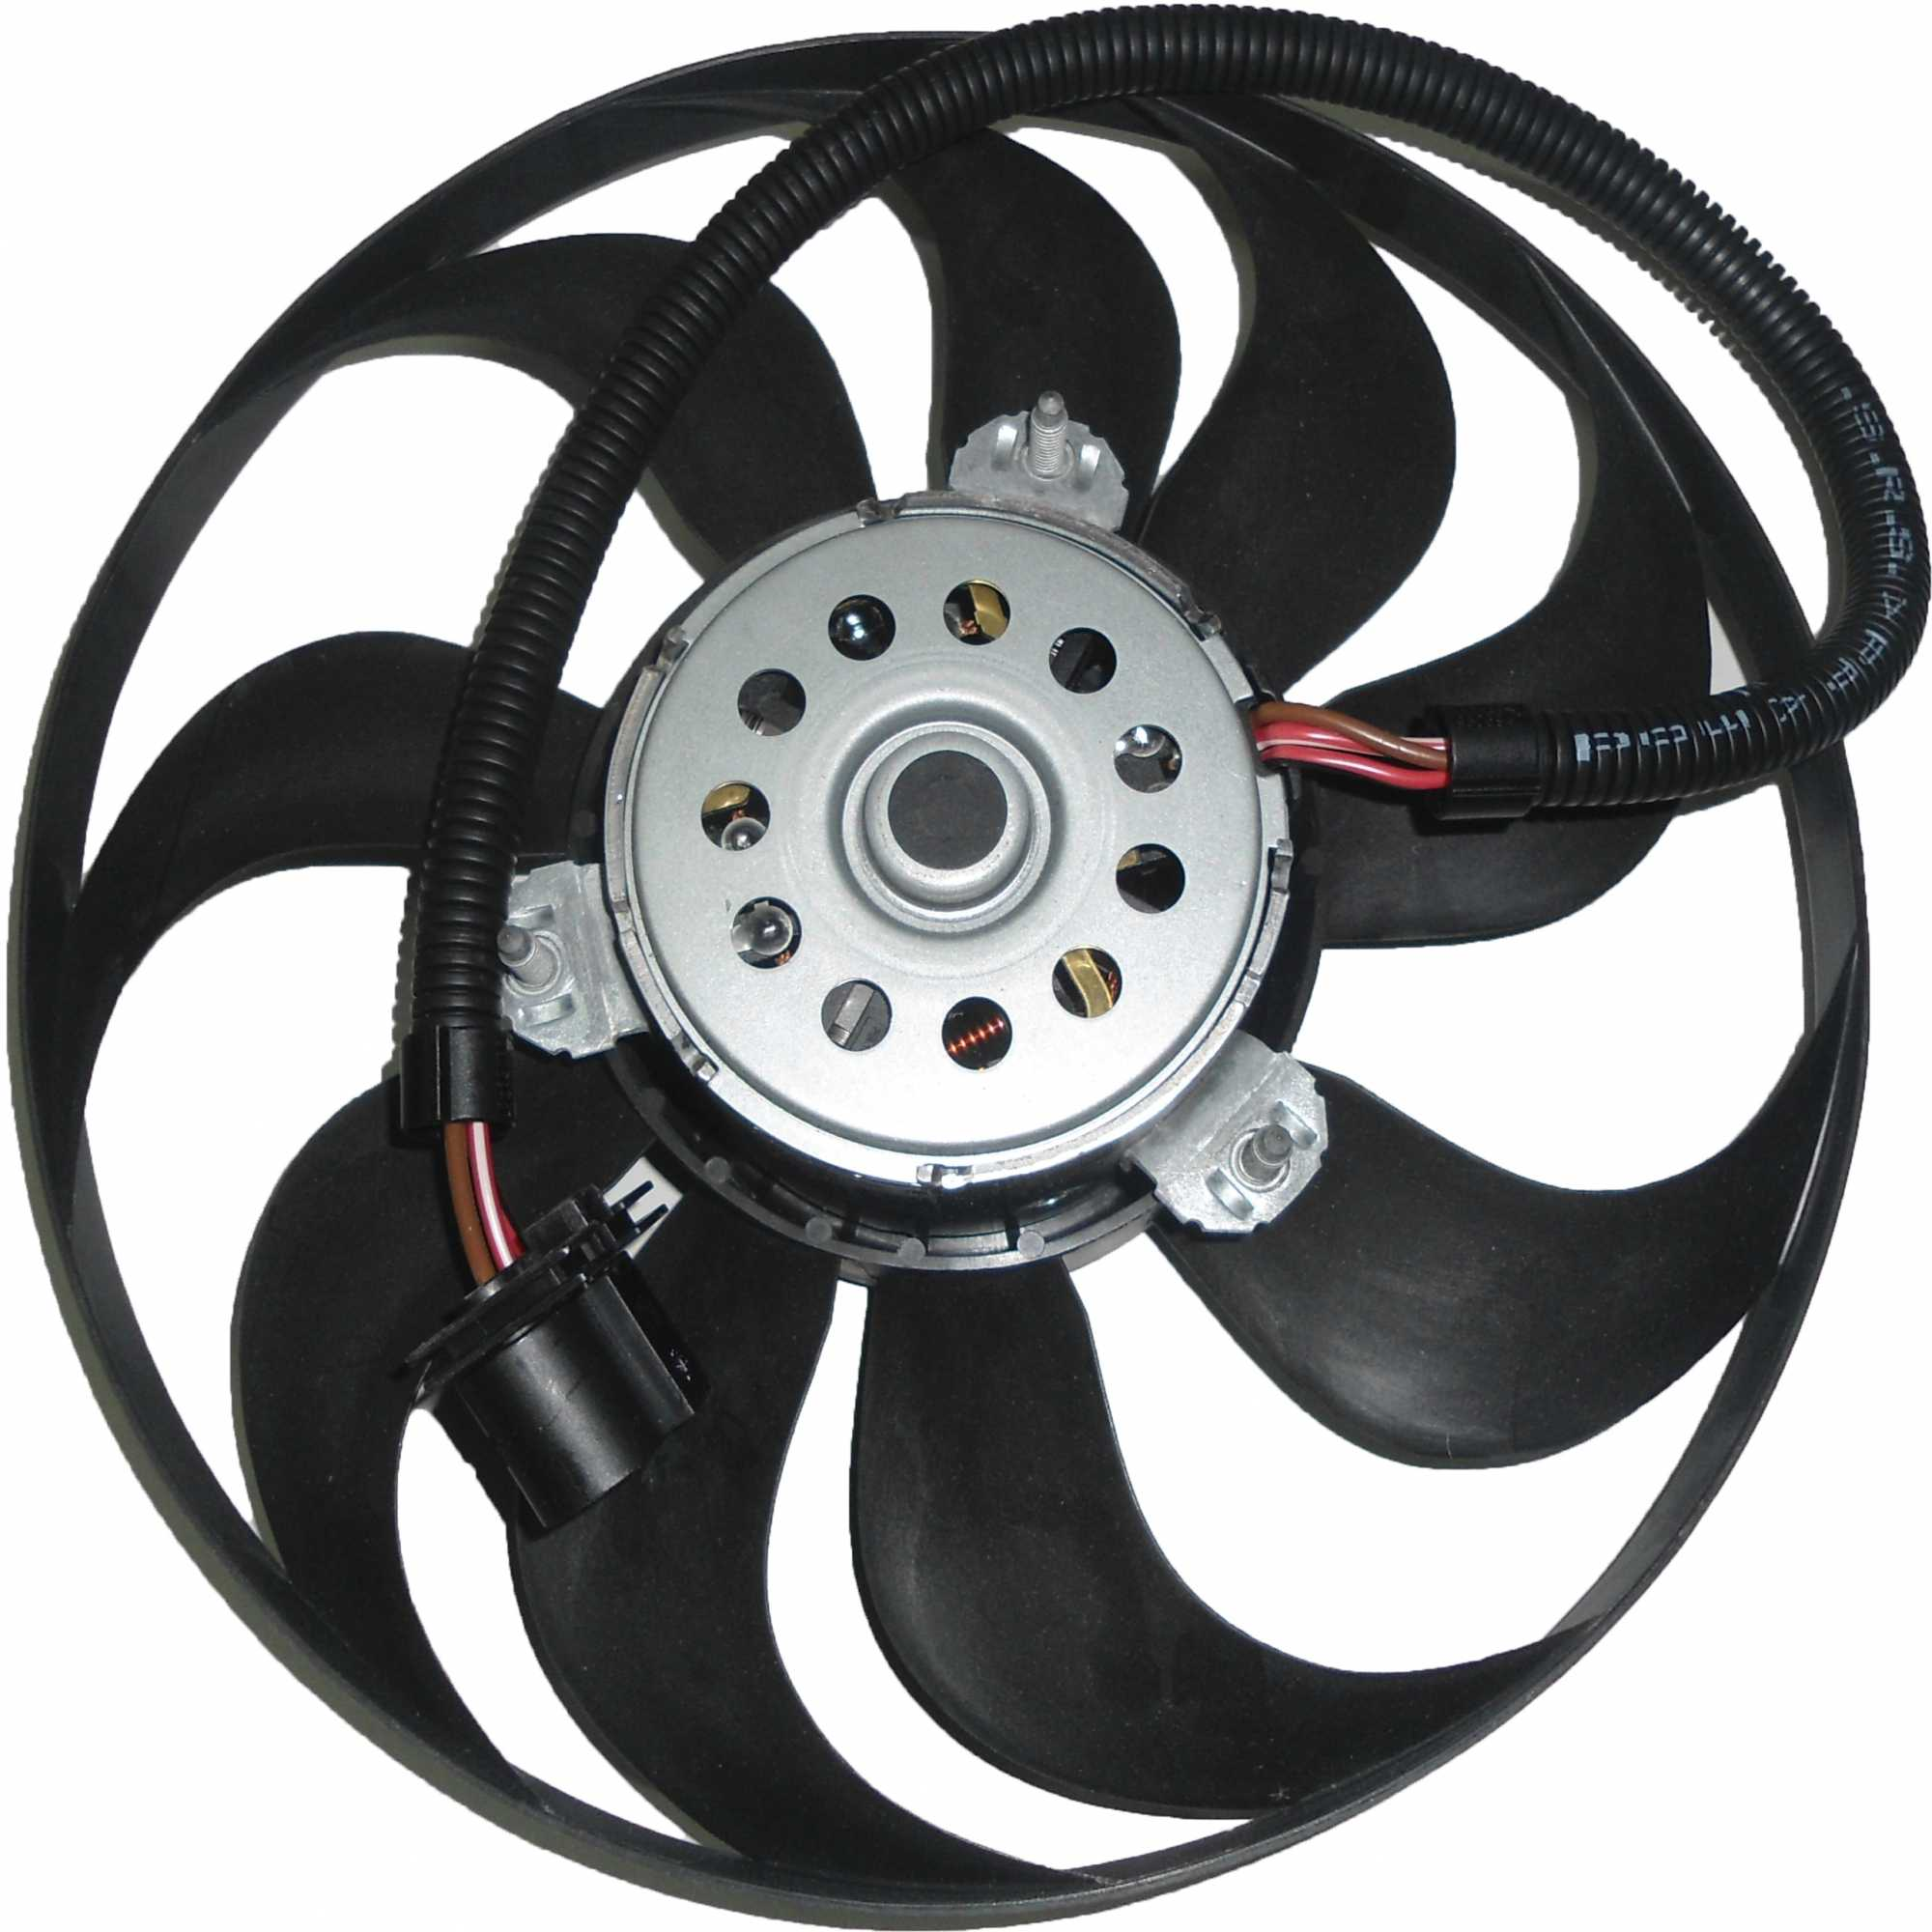 Eletroventilador - Golf/Bora/A3 Ld Motor Chato Largo Golf/Bora/A3 Ld Motor Chato Largo 290Mm 9 Pas